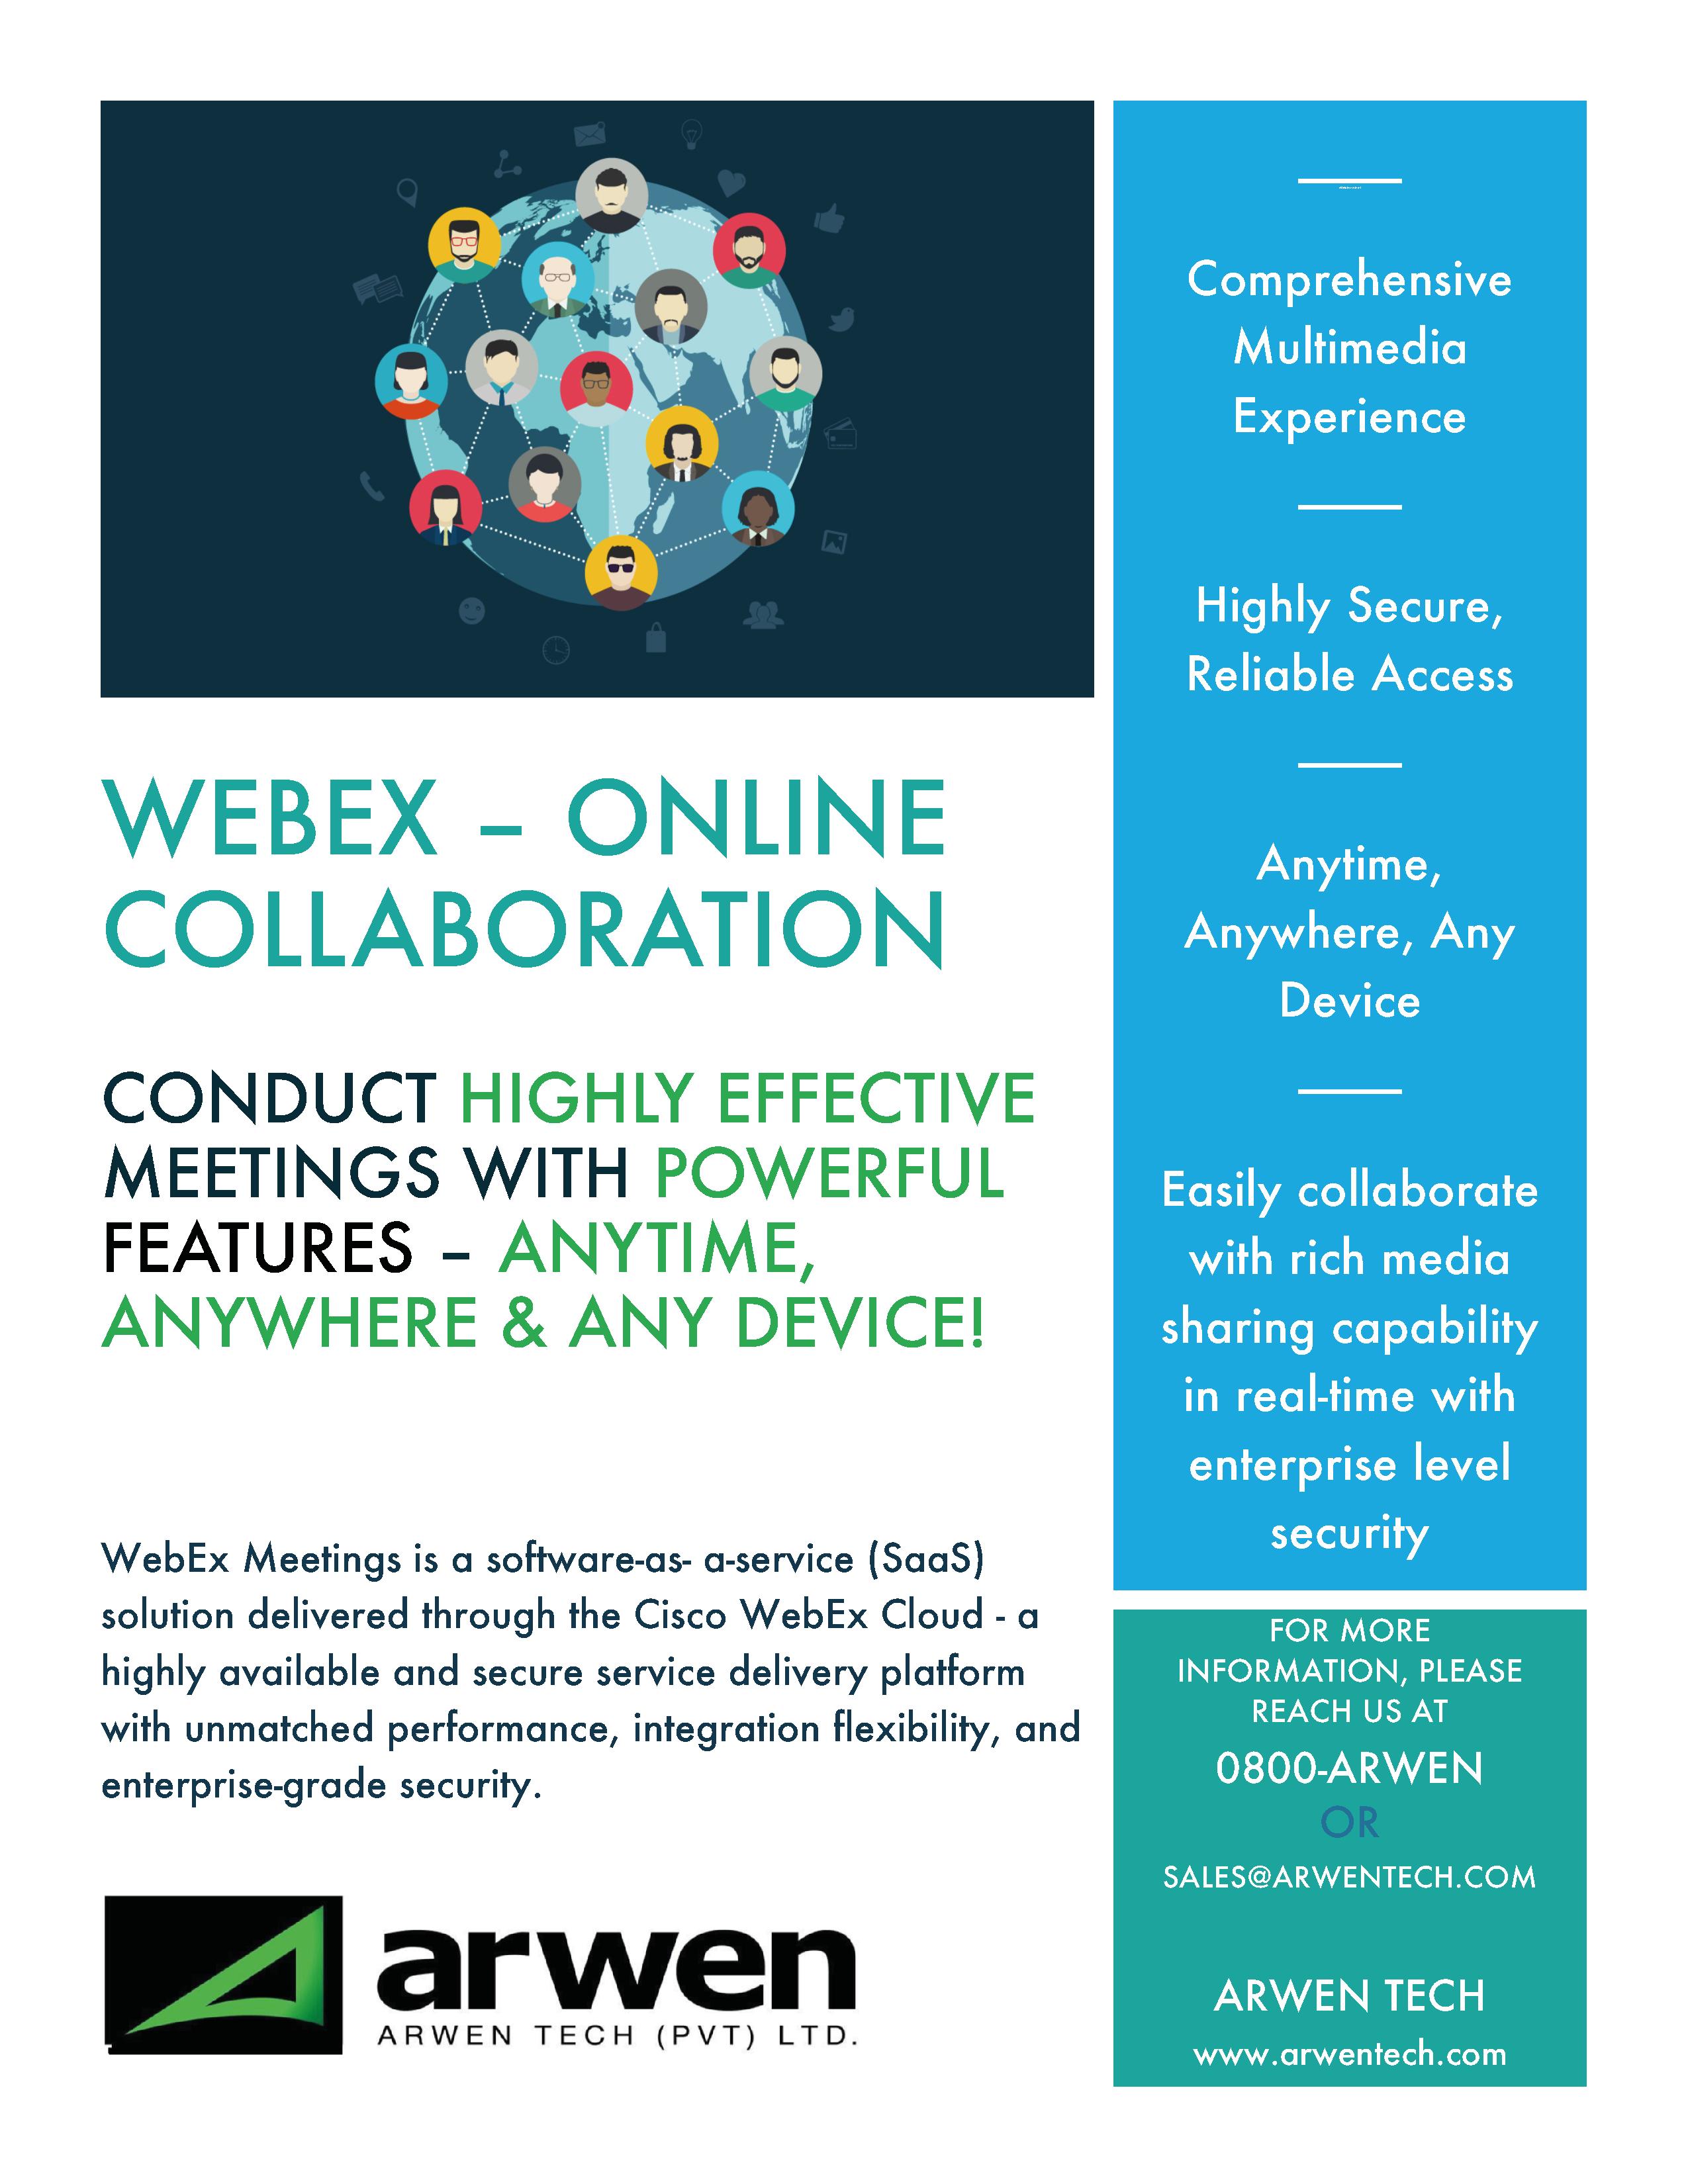 webex – online collaboration